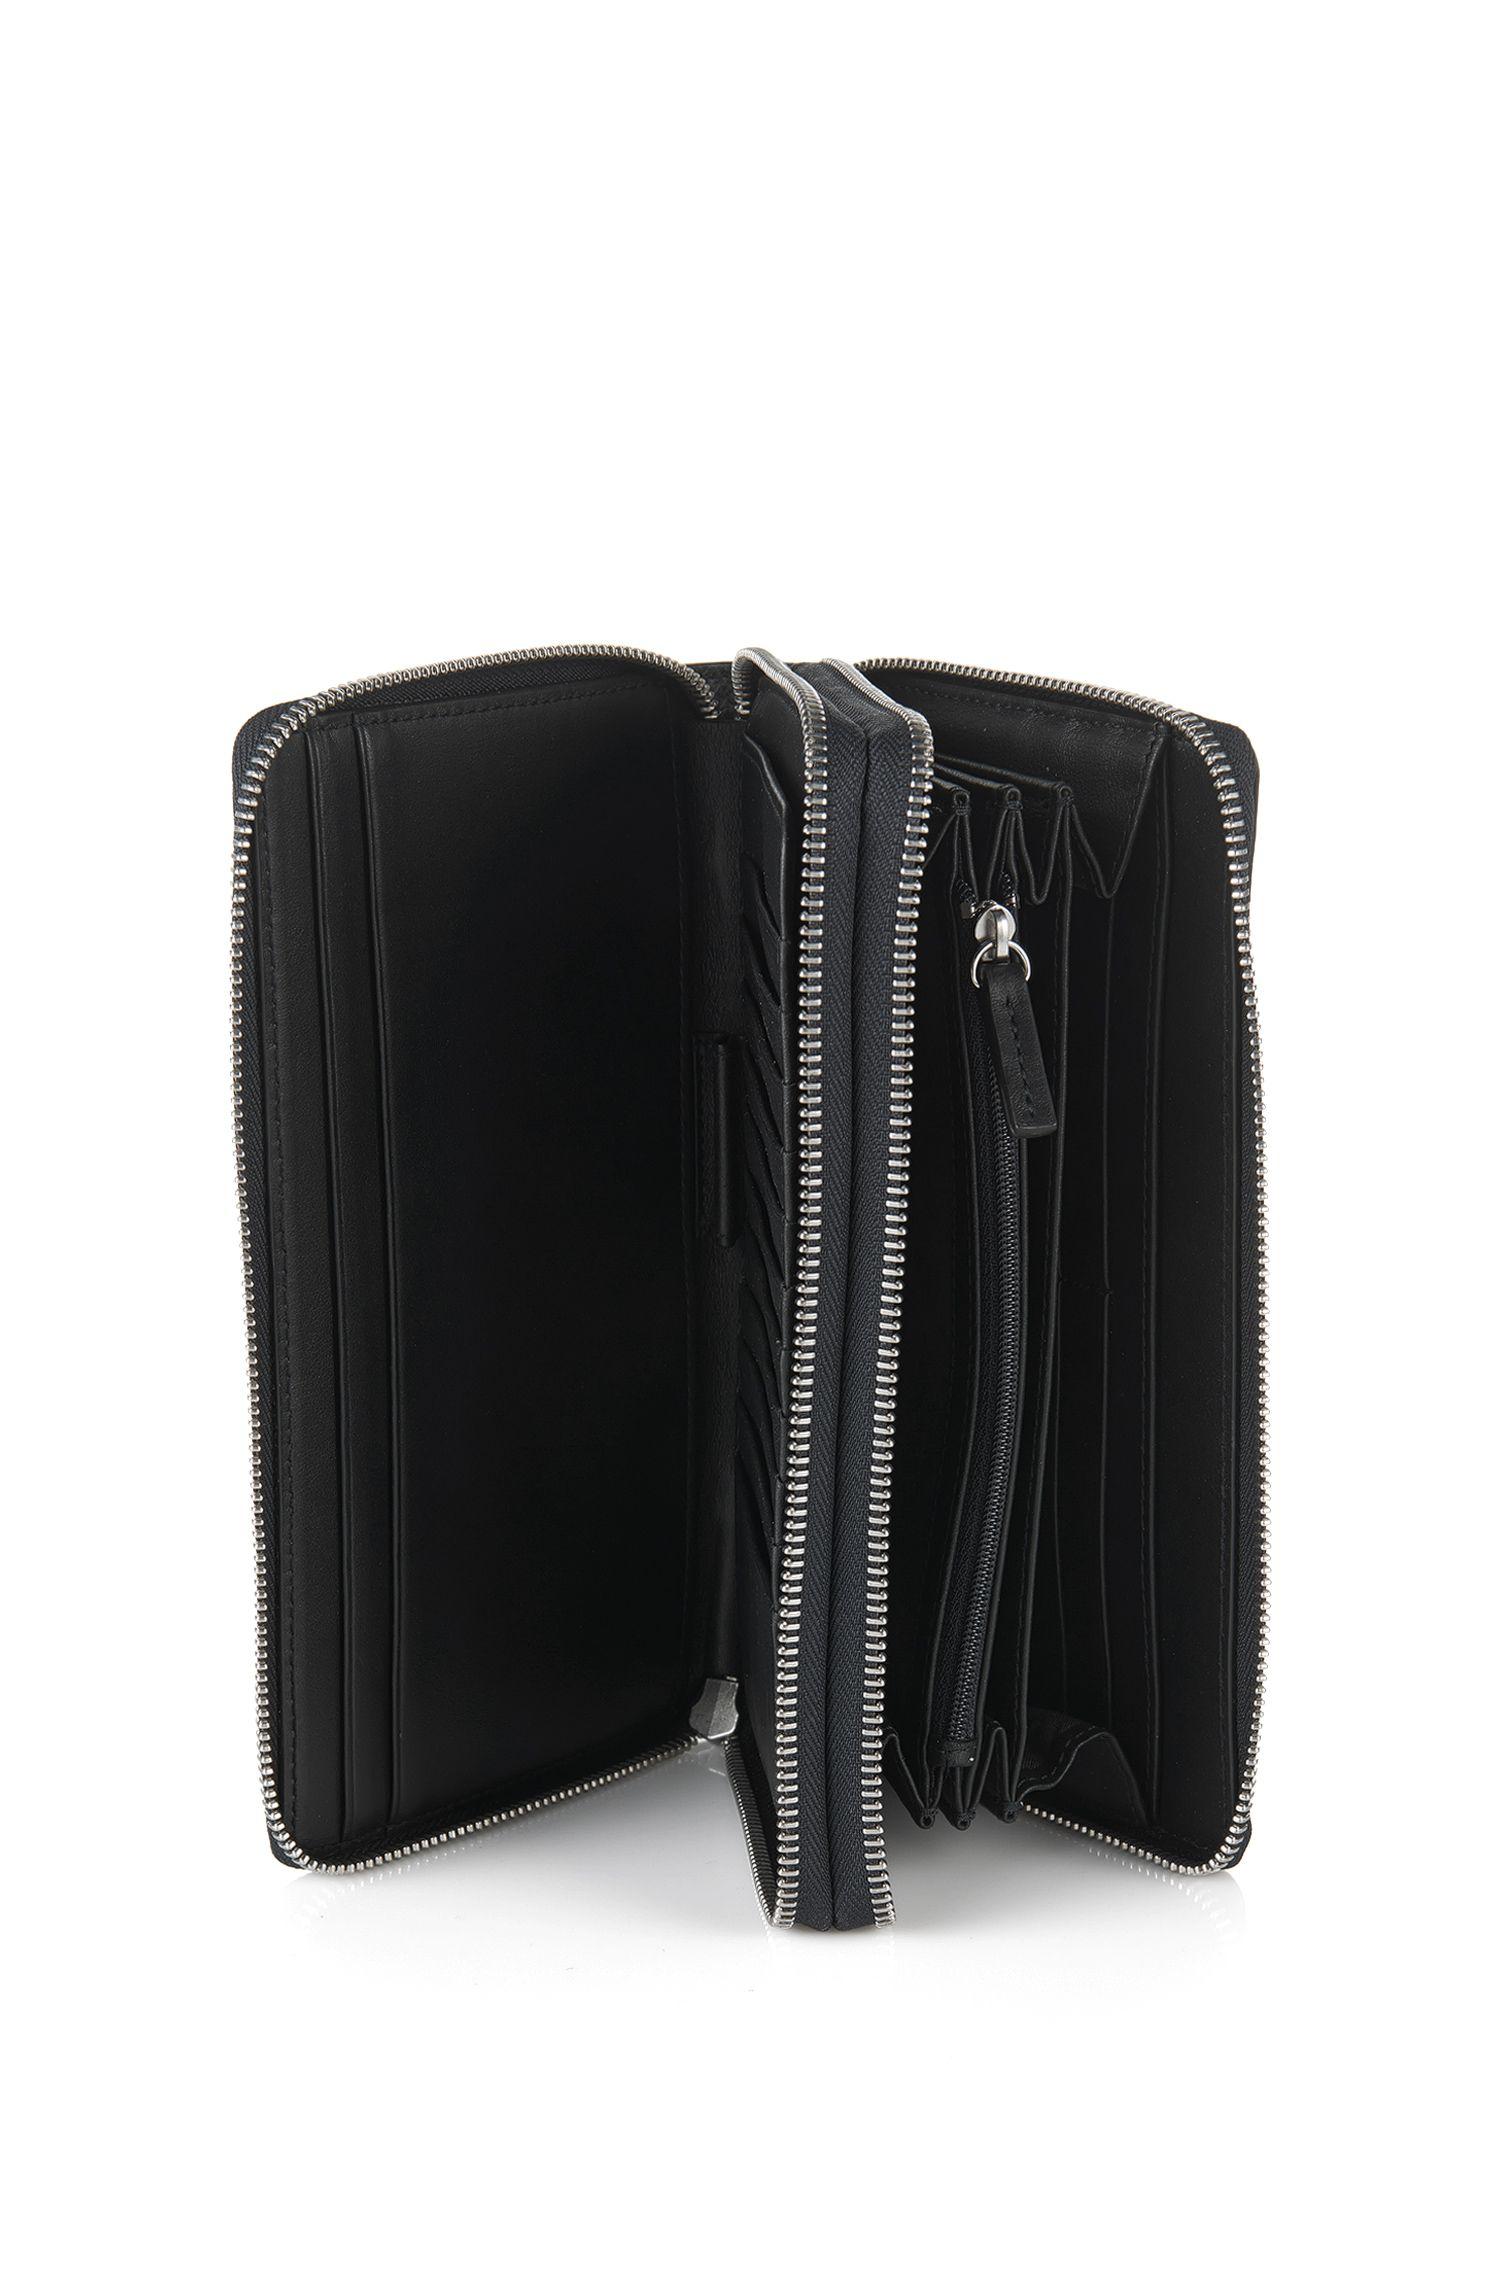 Organiseur en cuir avec deux compartiments principaux: «Traveller_D zip trav»